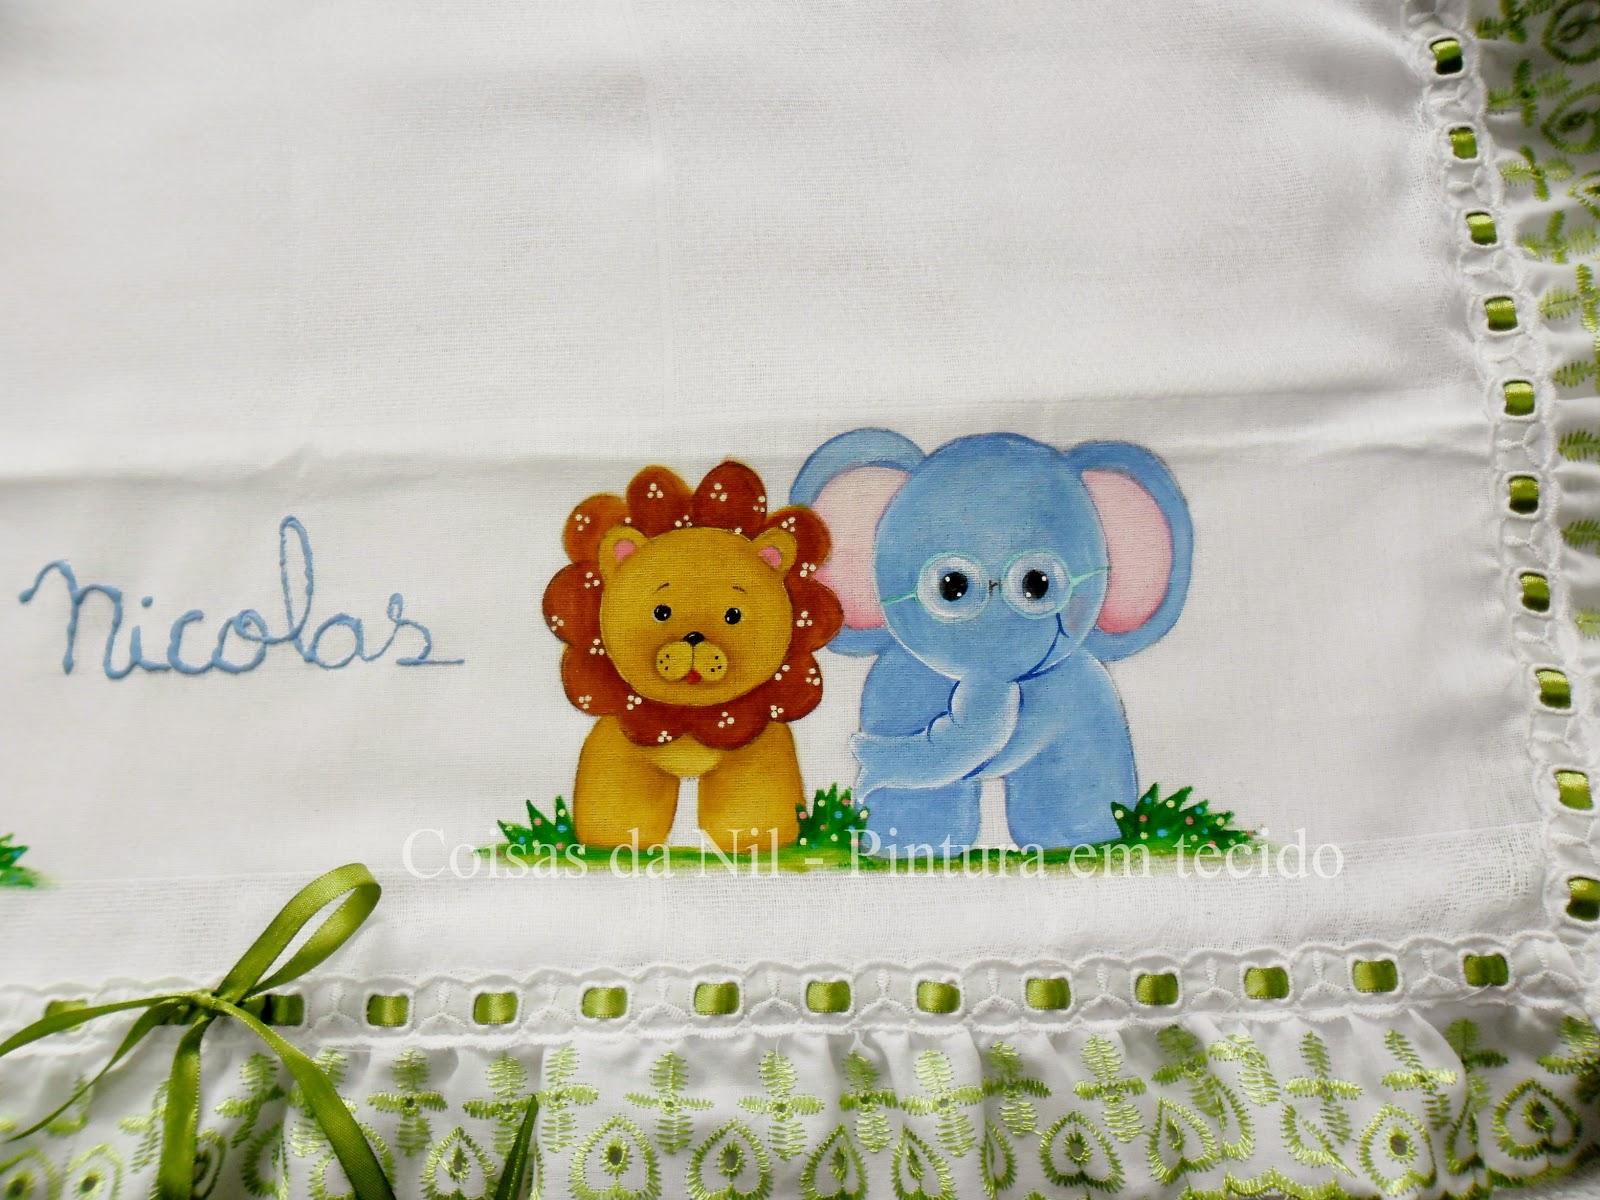 pintura em tecido leão e elefante pintados em fralda de menino